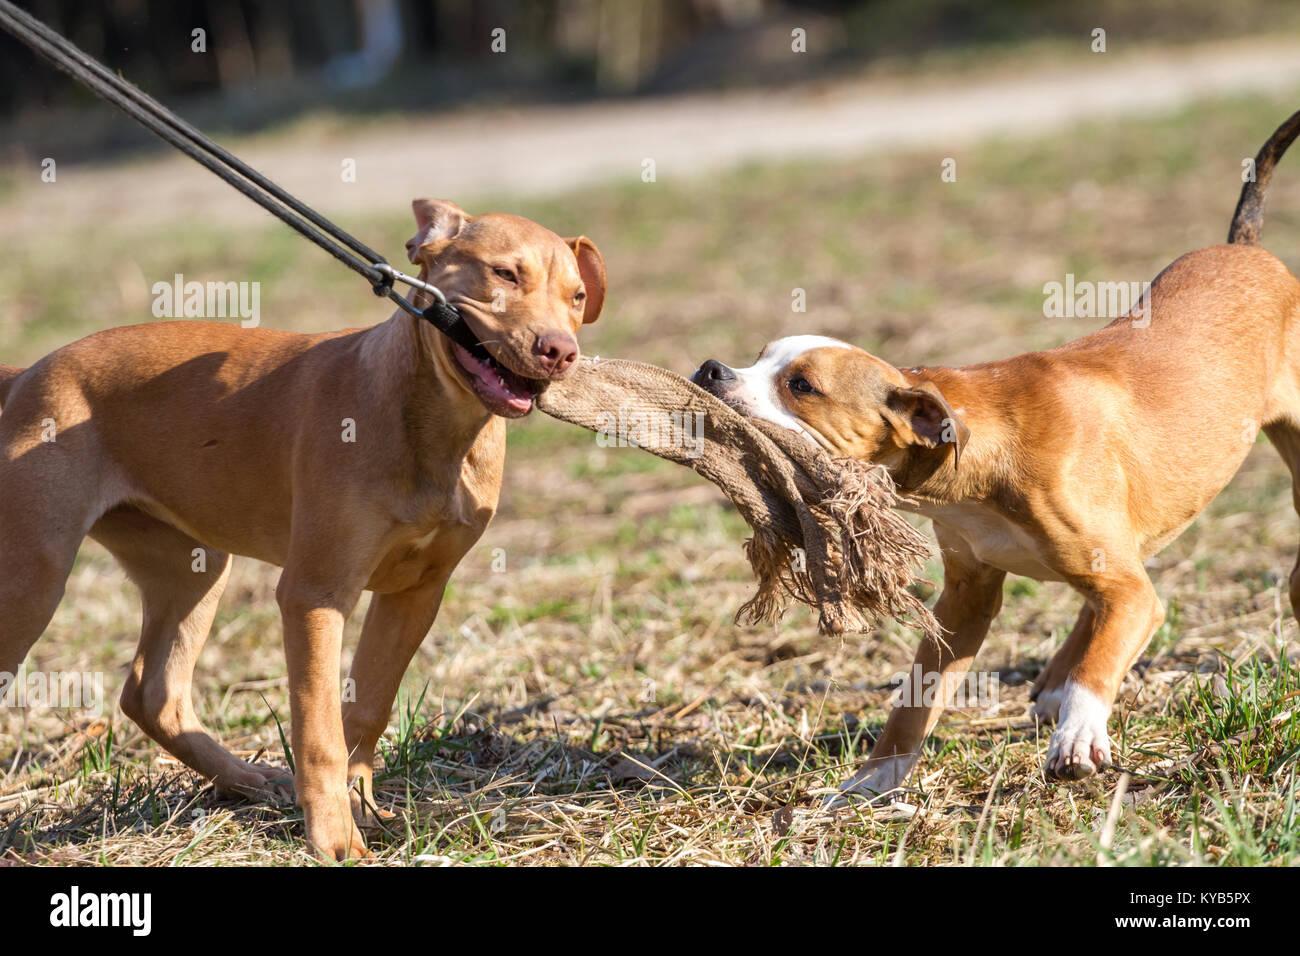 Dos cachorros (Trabajo Pit Bulldog & American Pit Bull Terrier) jugando y tirando con un juguete en un soleado Imagen De Stock